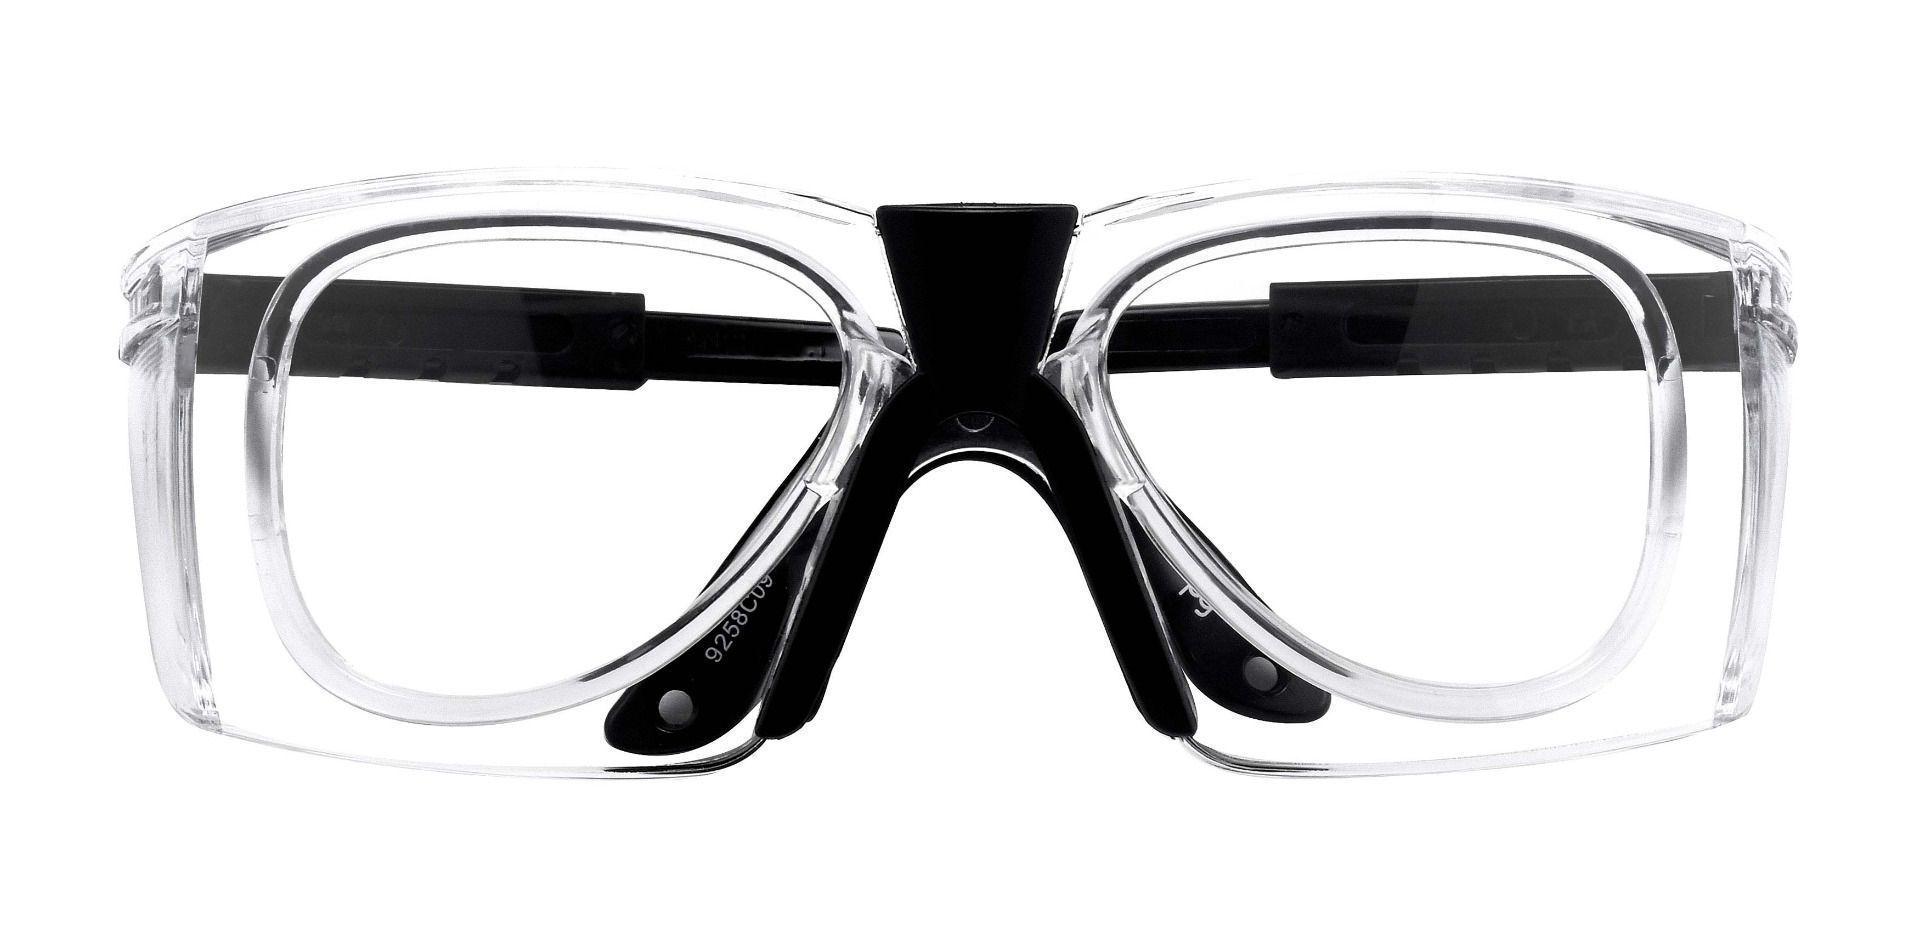 Nelson Sports Glasses